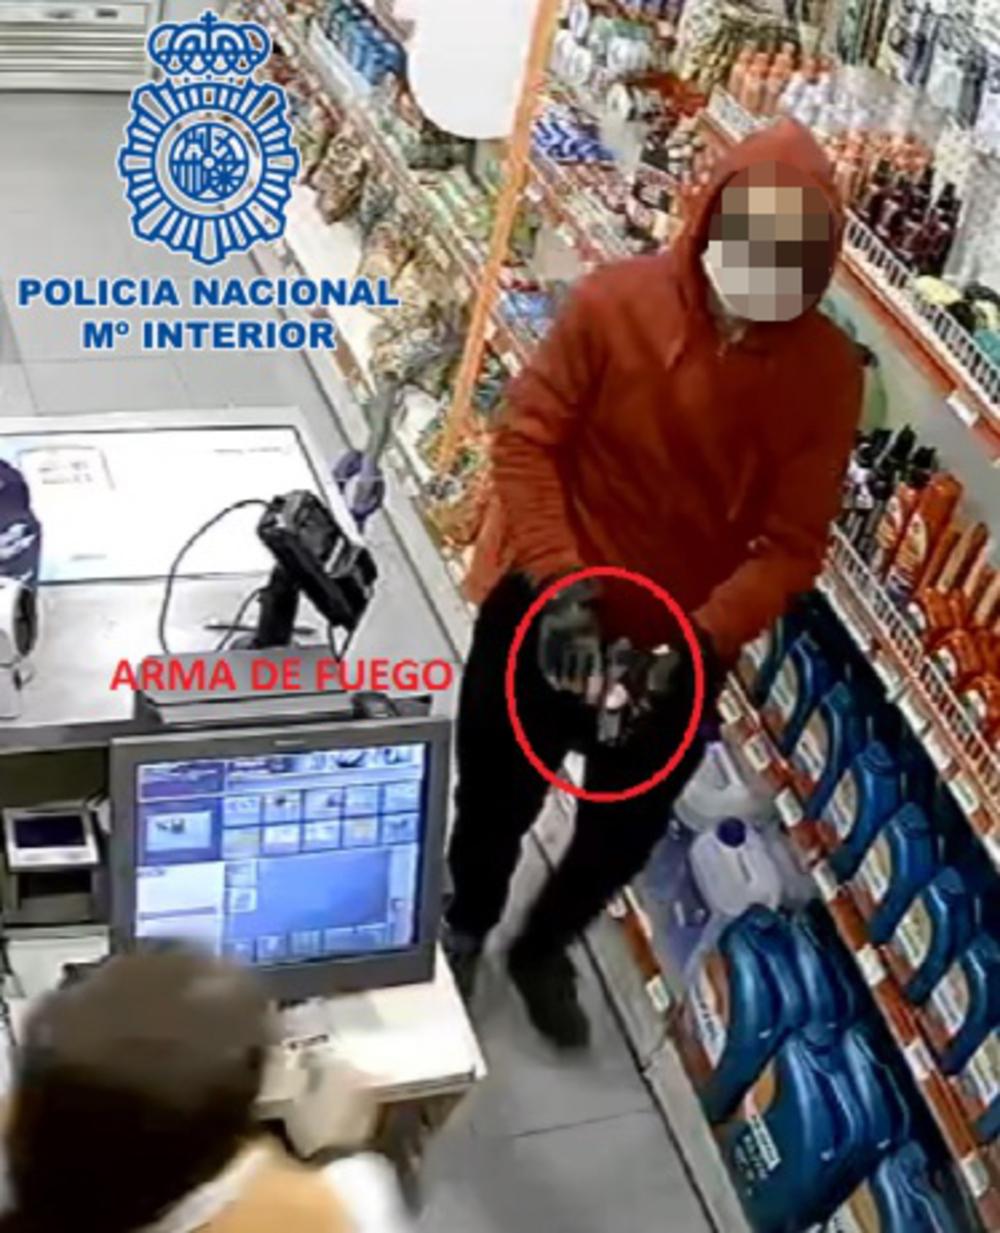 Imagen del acusado grabada por las cámaras en el momento en que entró pistola en mano para perpetrar el atraco en la gasolinera